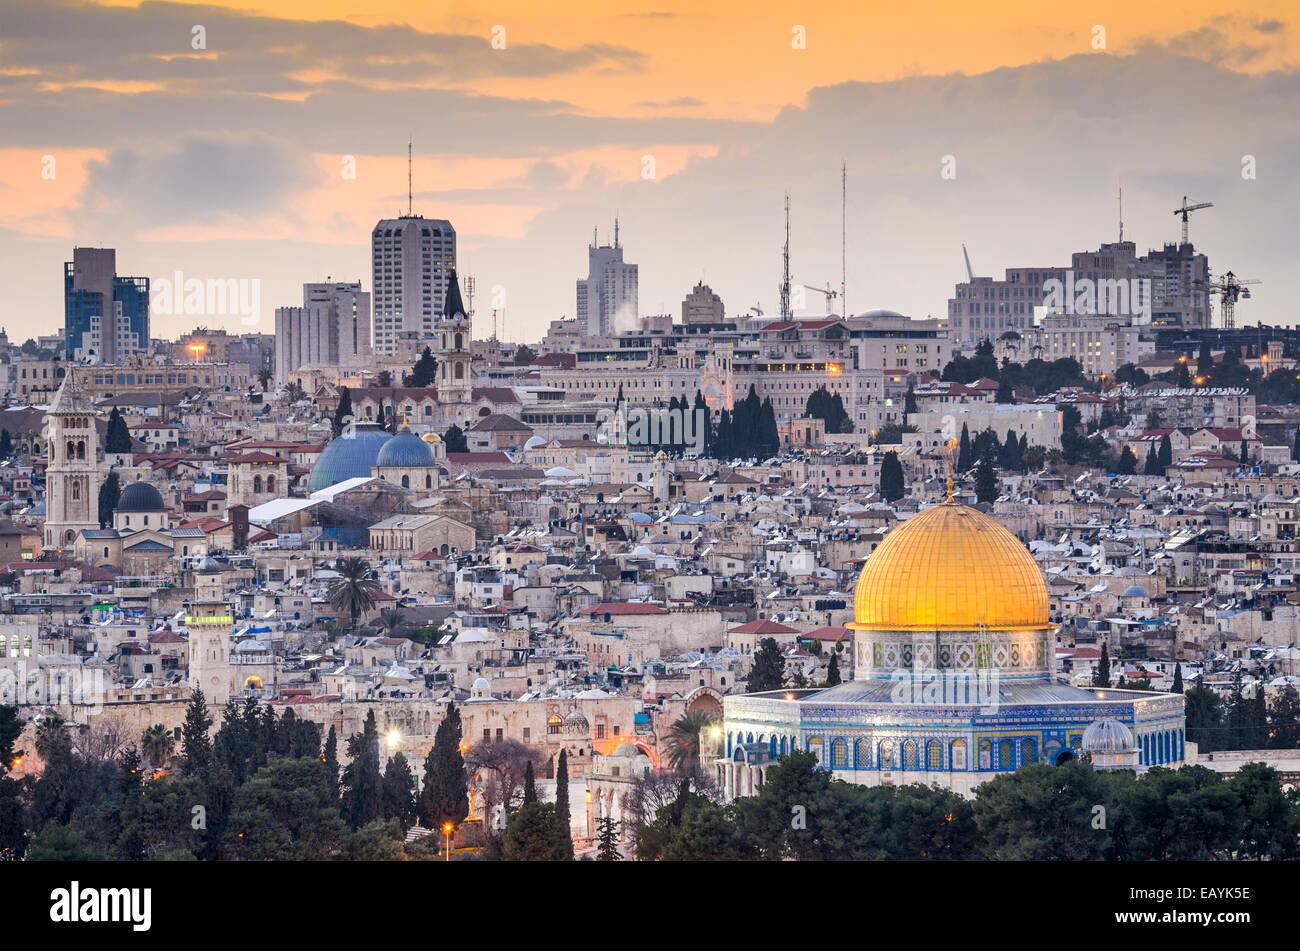 Gerusalemme, Israele vecchio lo skyline della citta'. Immagini Stock